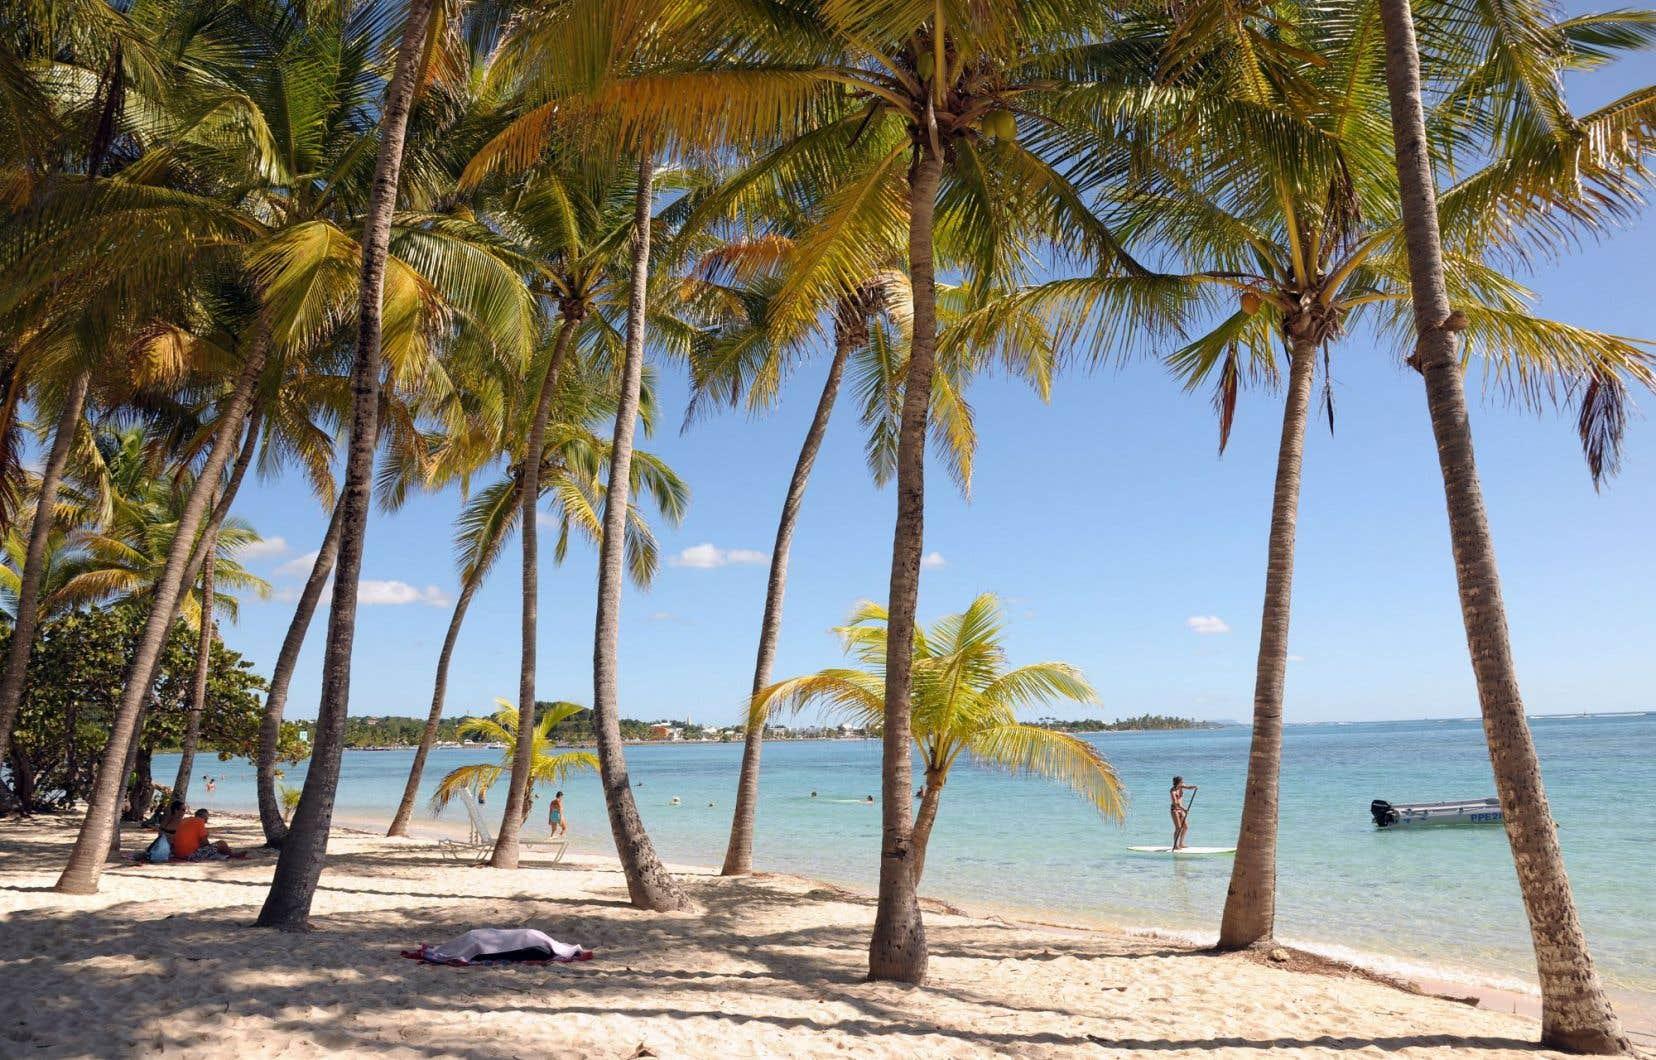 La plage Sainte-Anne à Grande-Terre, sur l'île de la Guadeloupe.